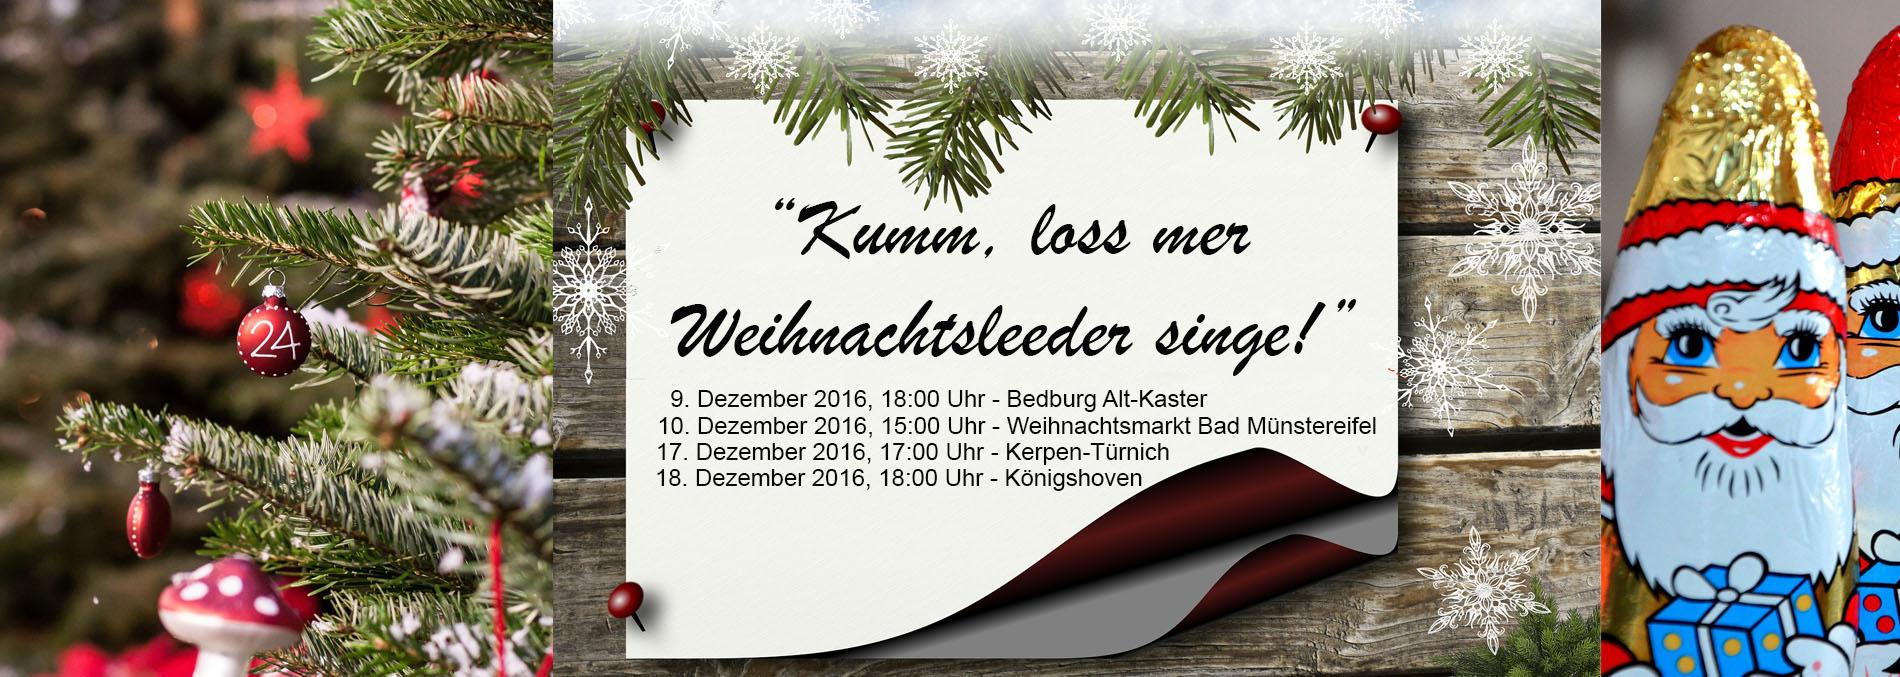 20161128_weihnachts-events-slider